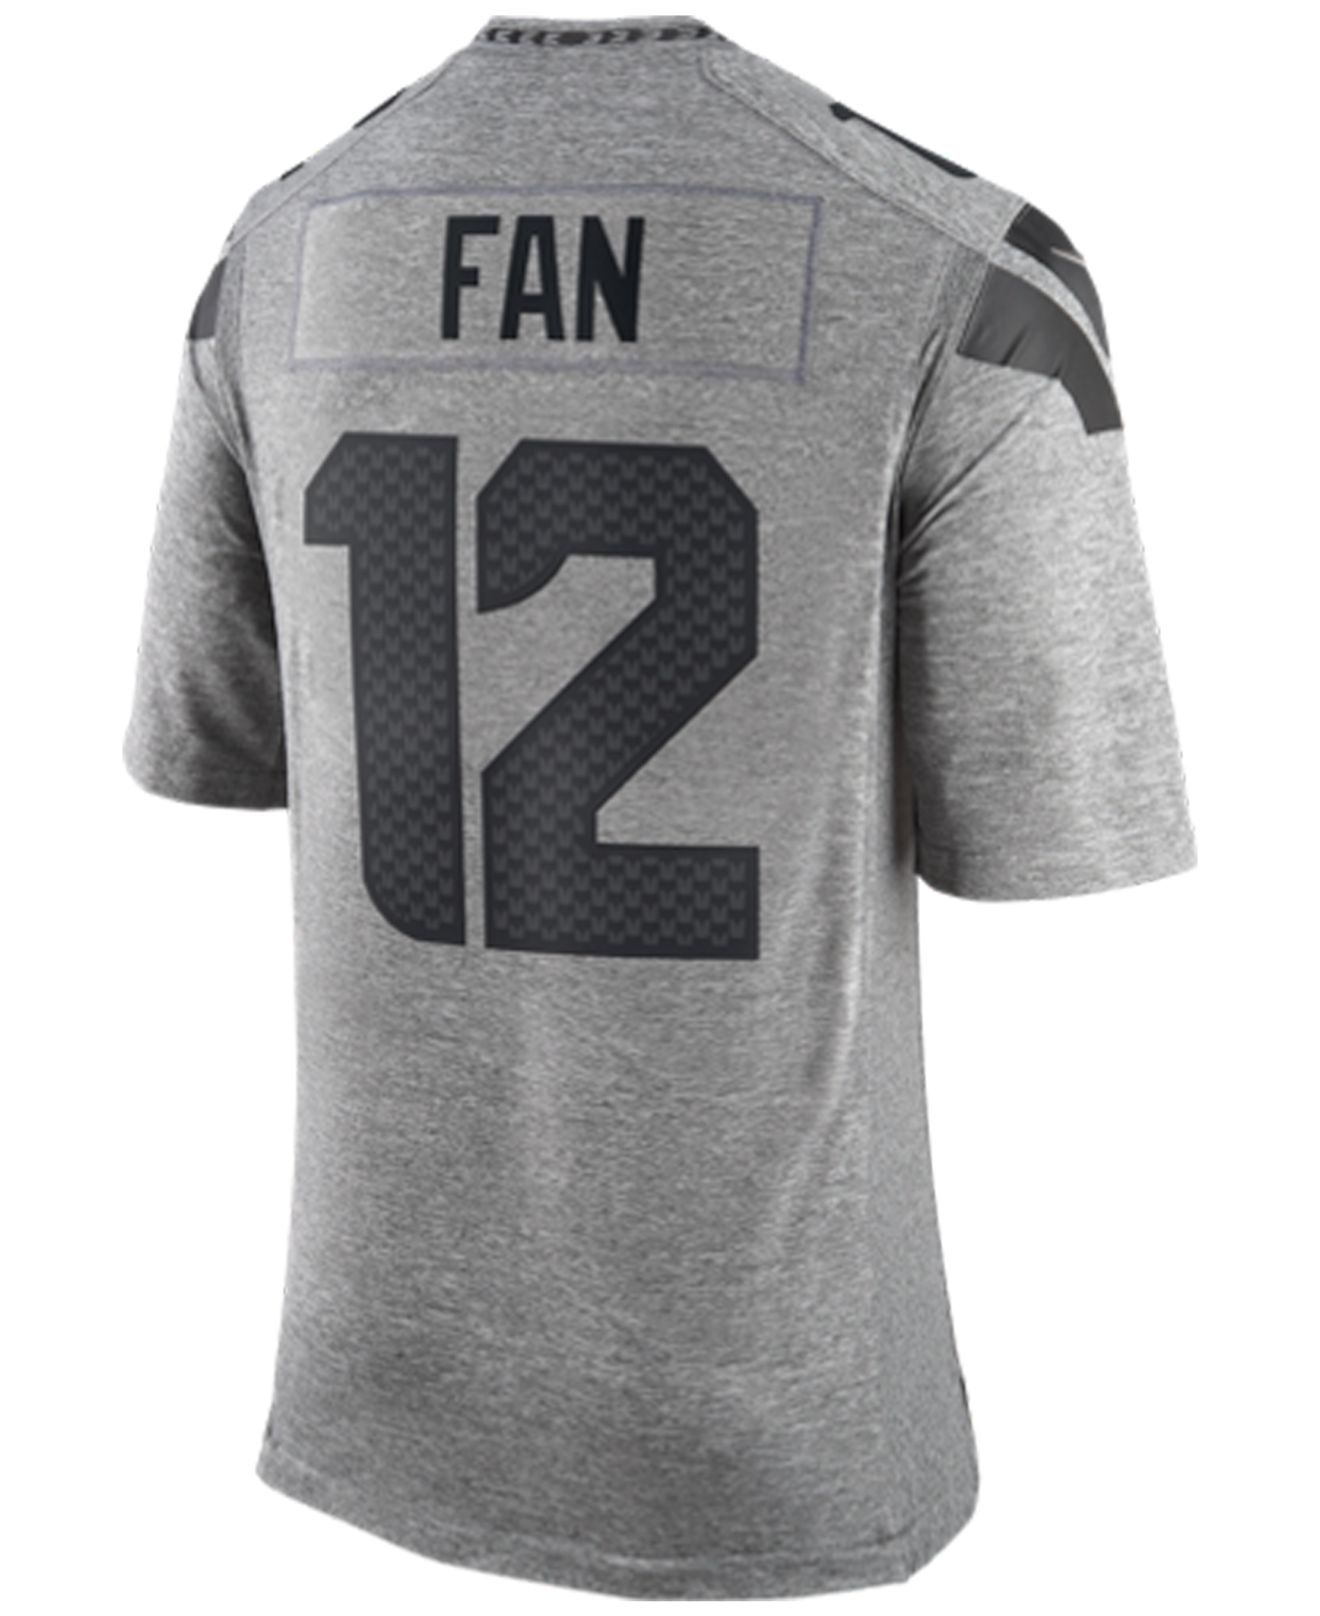 Men's Fan #12 Seattle Seahawks Gridiron Jersey